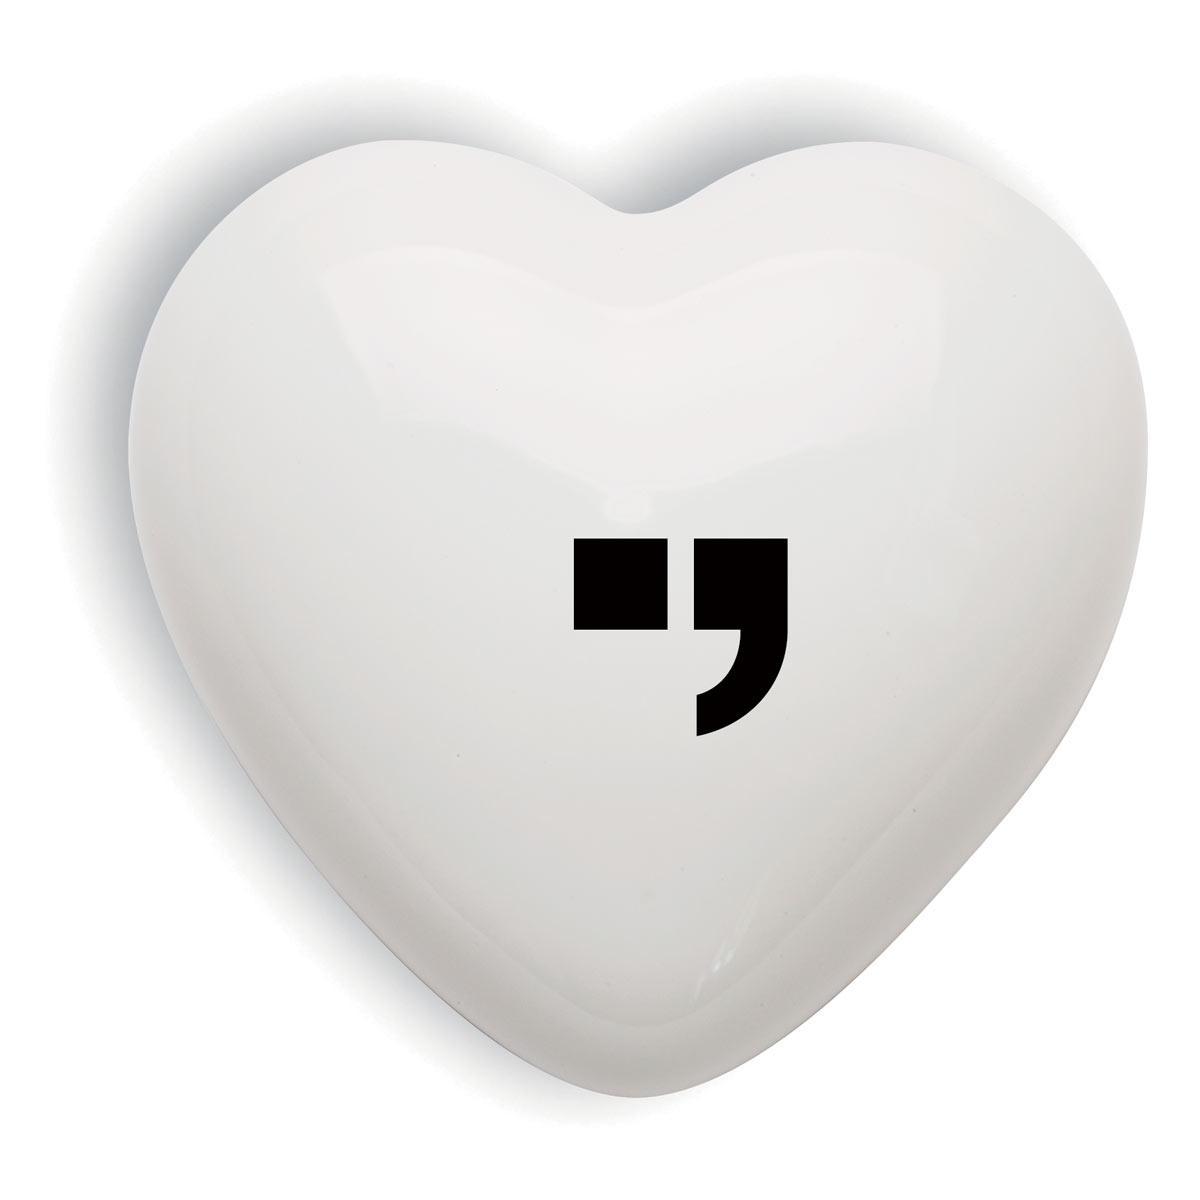 Cuore di ceramica bianco con versi in Inglese retro con simbolo ; in orriziontale